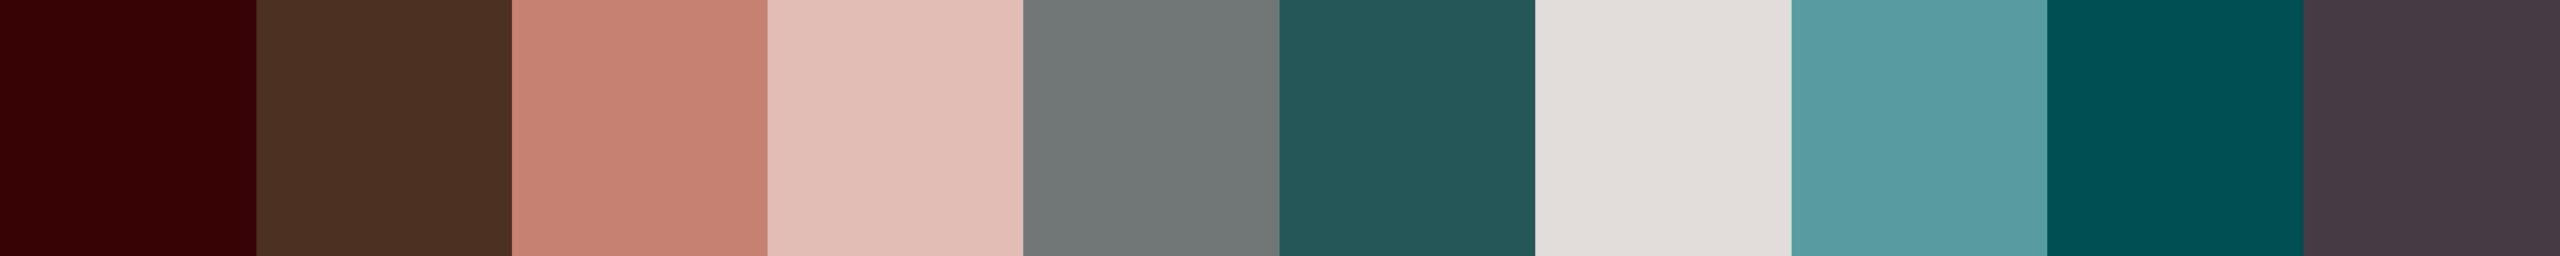 201 Feathonia Color Palette